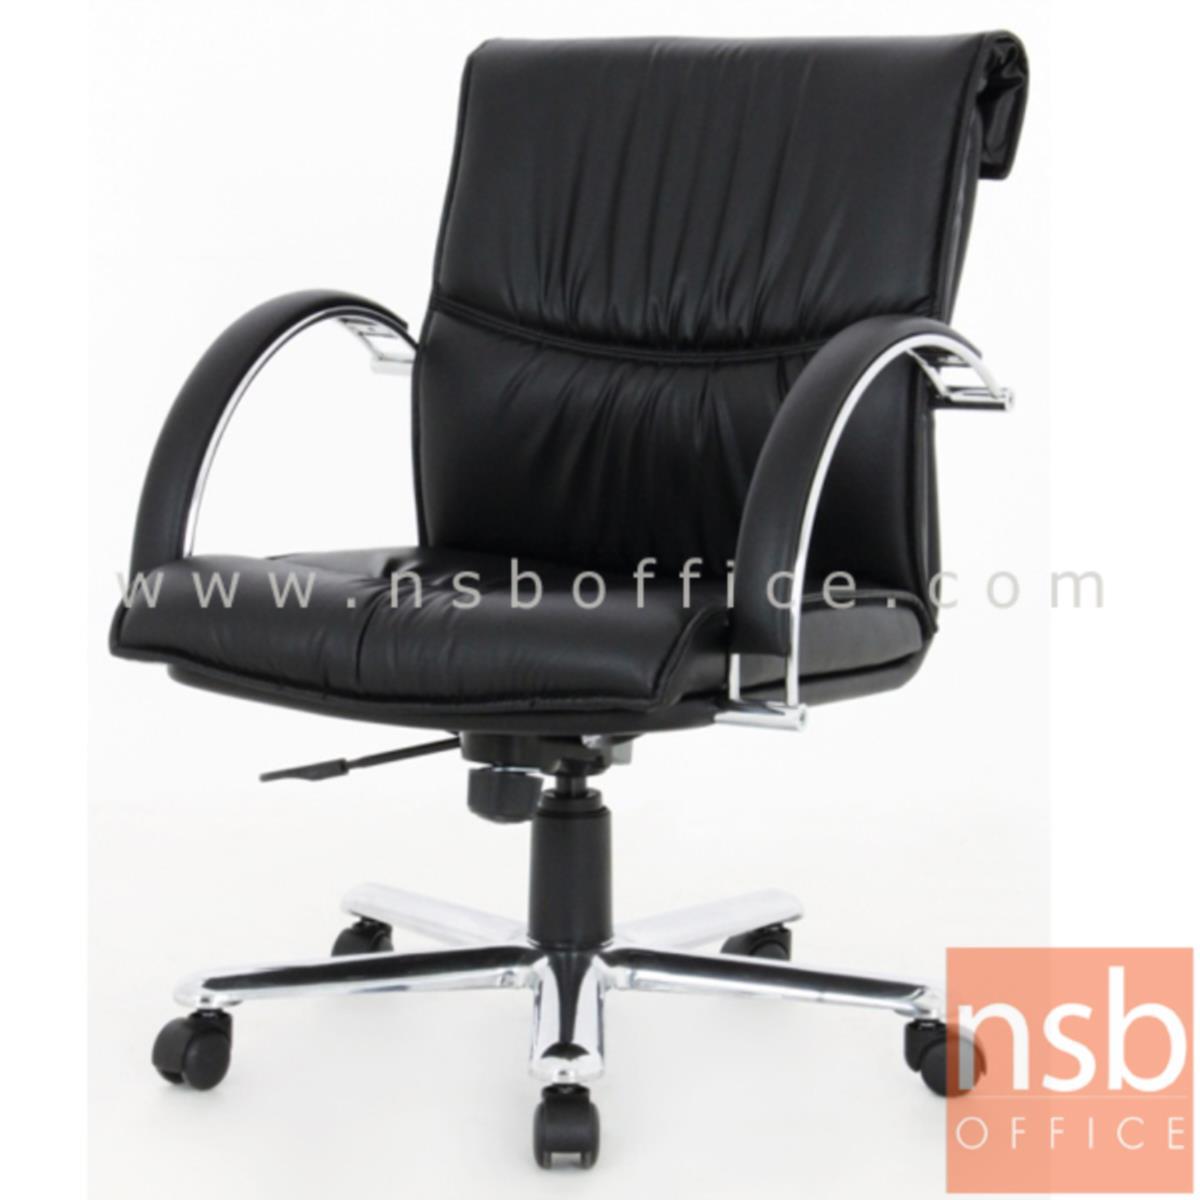 เก้าอี้สำนักงาน รุ่น monarch (มอเนิร์ค)  โช๊คแก๊ส มีก้อนโยก ขาเหล็กชุบโครเมี่ยม